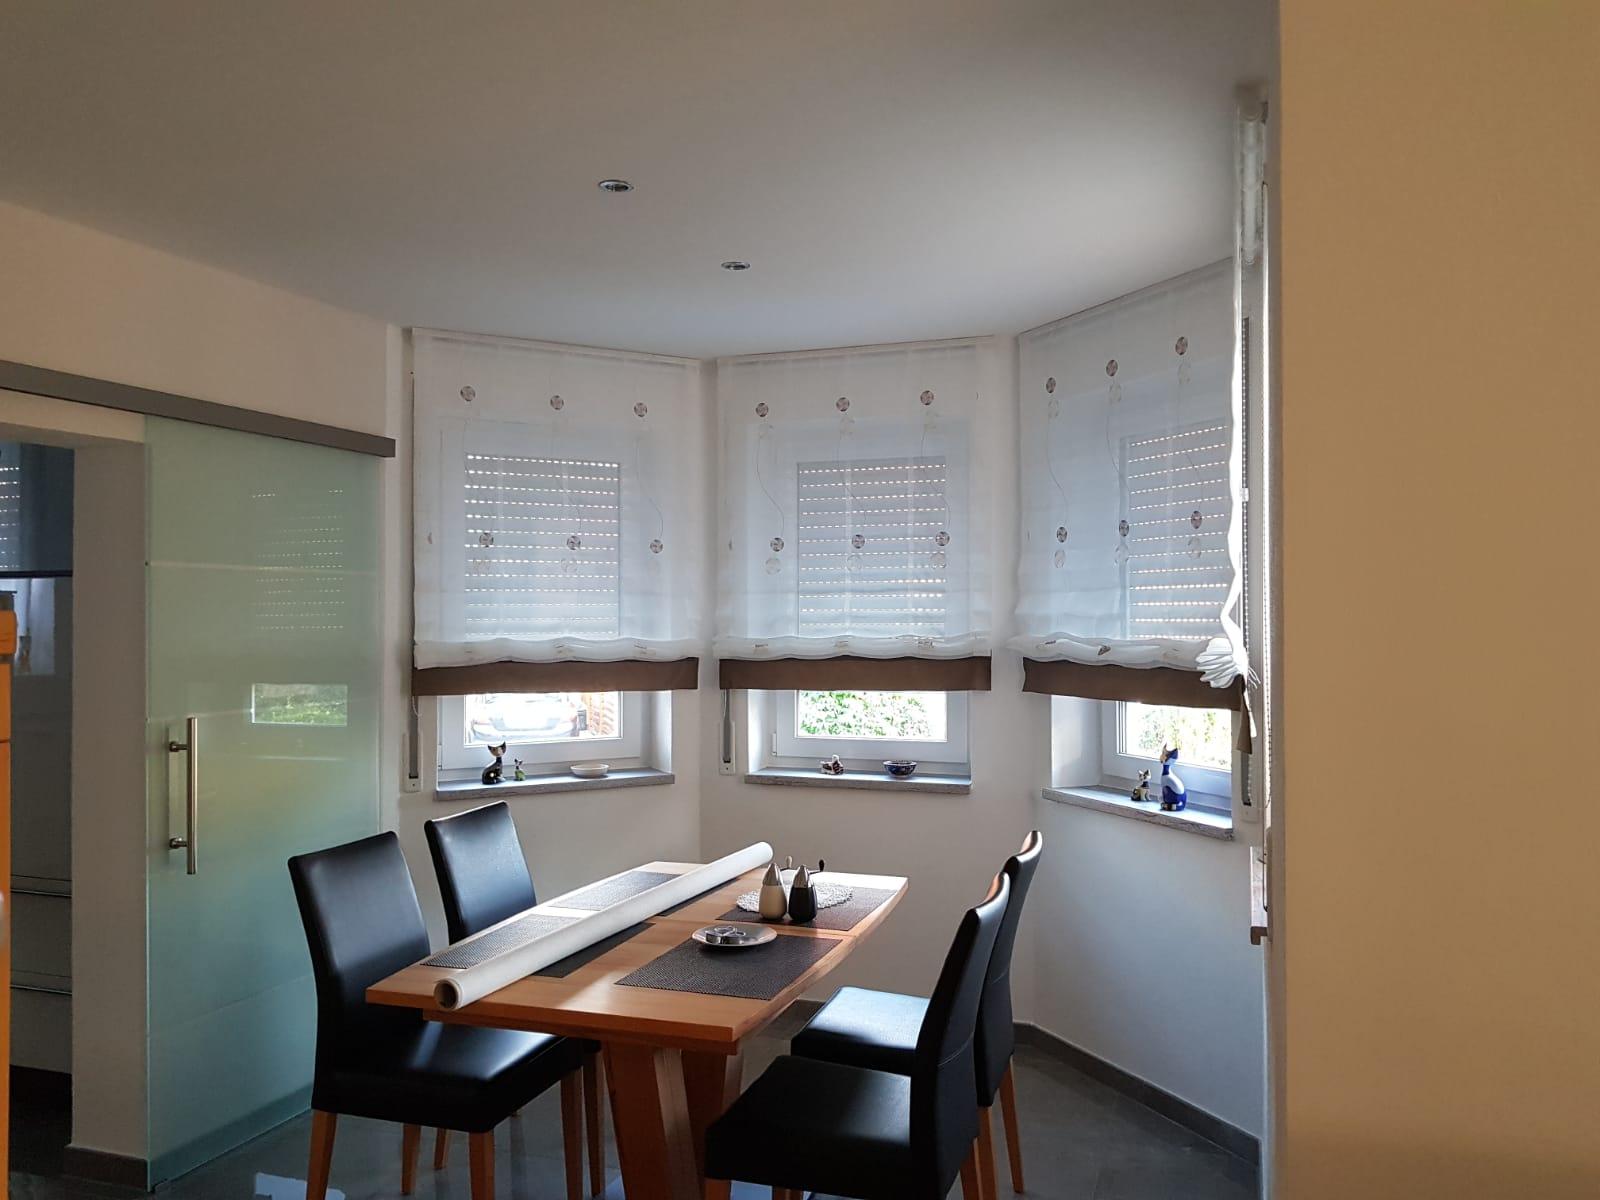 Full Size of Raffrollo Kchenfenster Kchengardinen Geschenkeria Kche Küchen Regal Küche Wohnzimmer Küchen Raffrollo